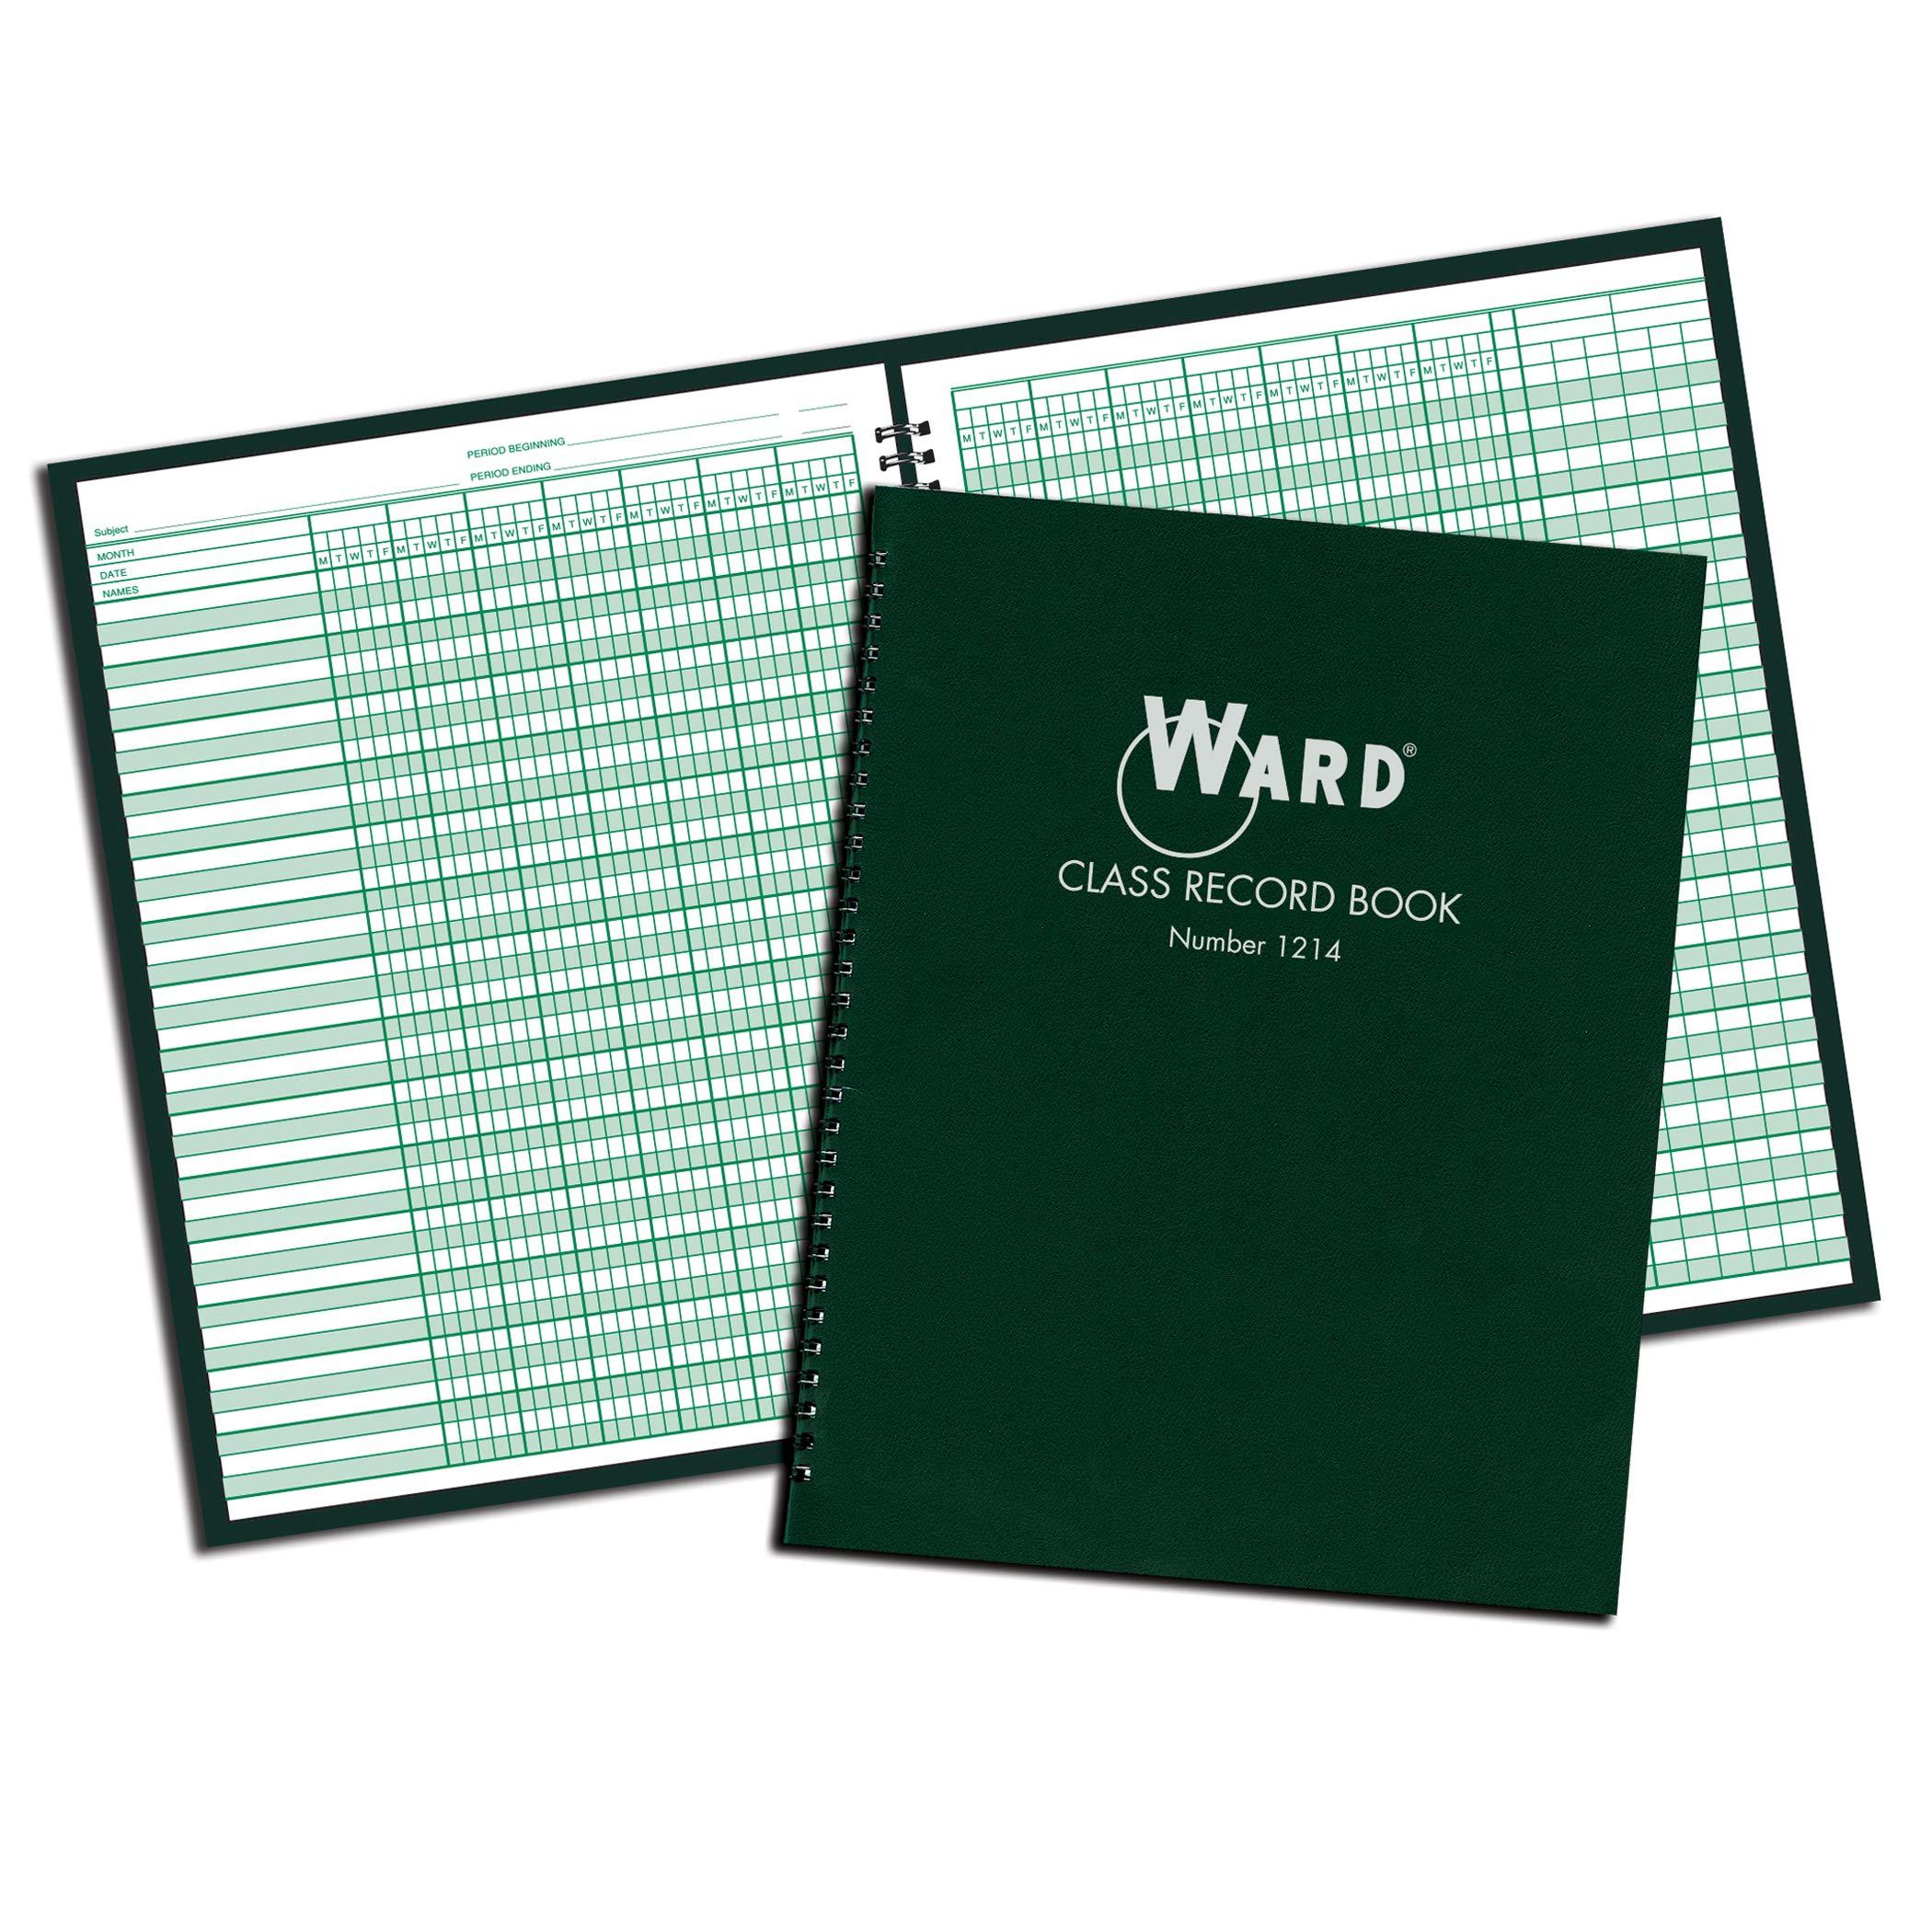 Ward WAR1214BN Class Record Book, 12-14 Week Grading Periods, Green, Pack of 4